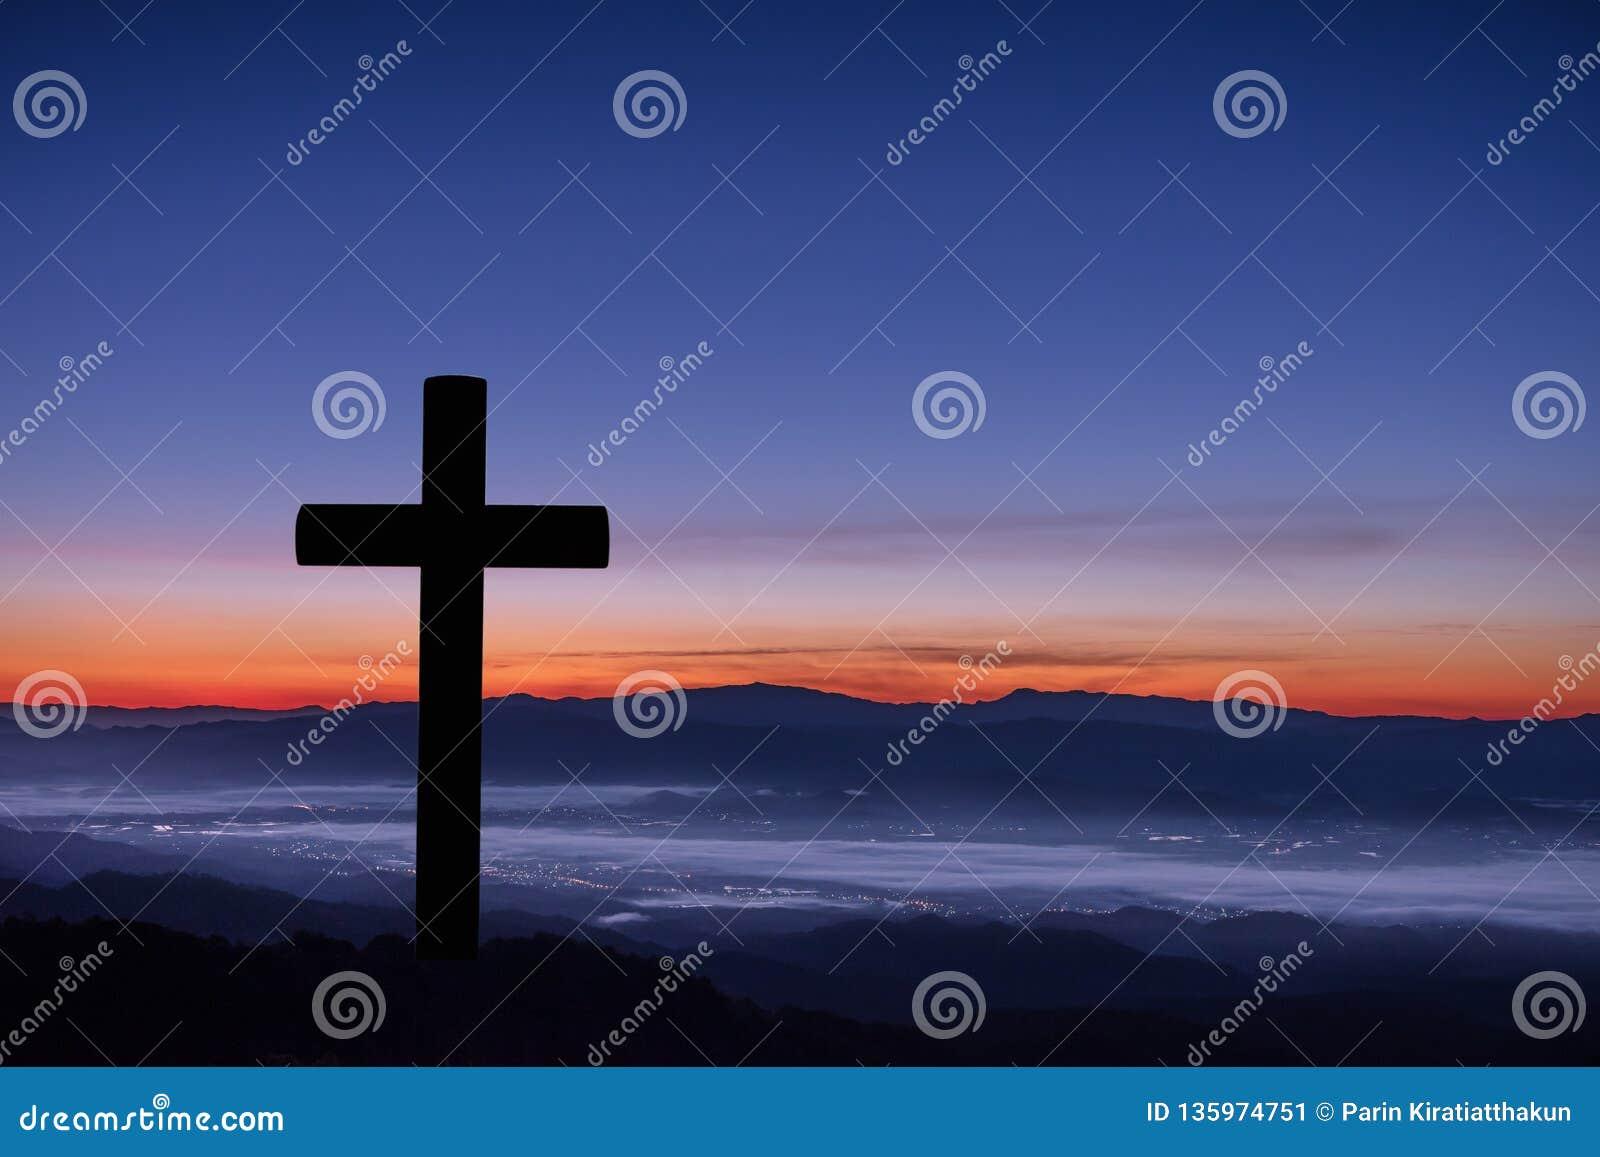 Silhouet van kruis op bergzonsopgang